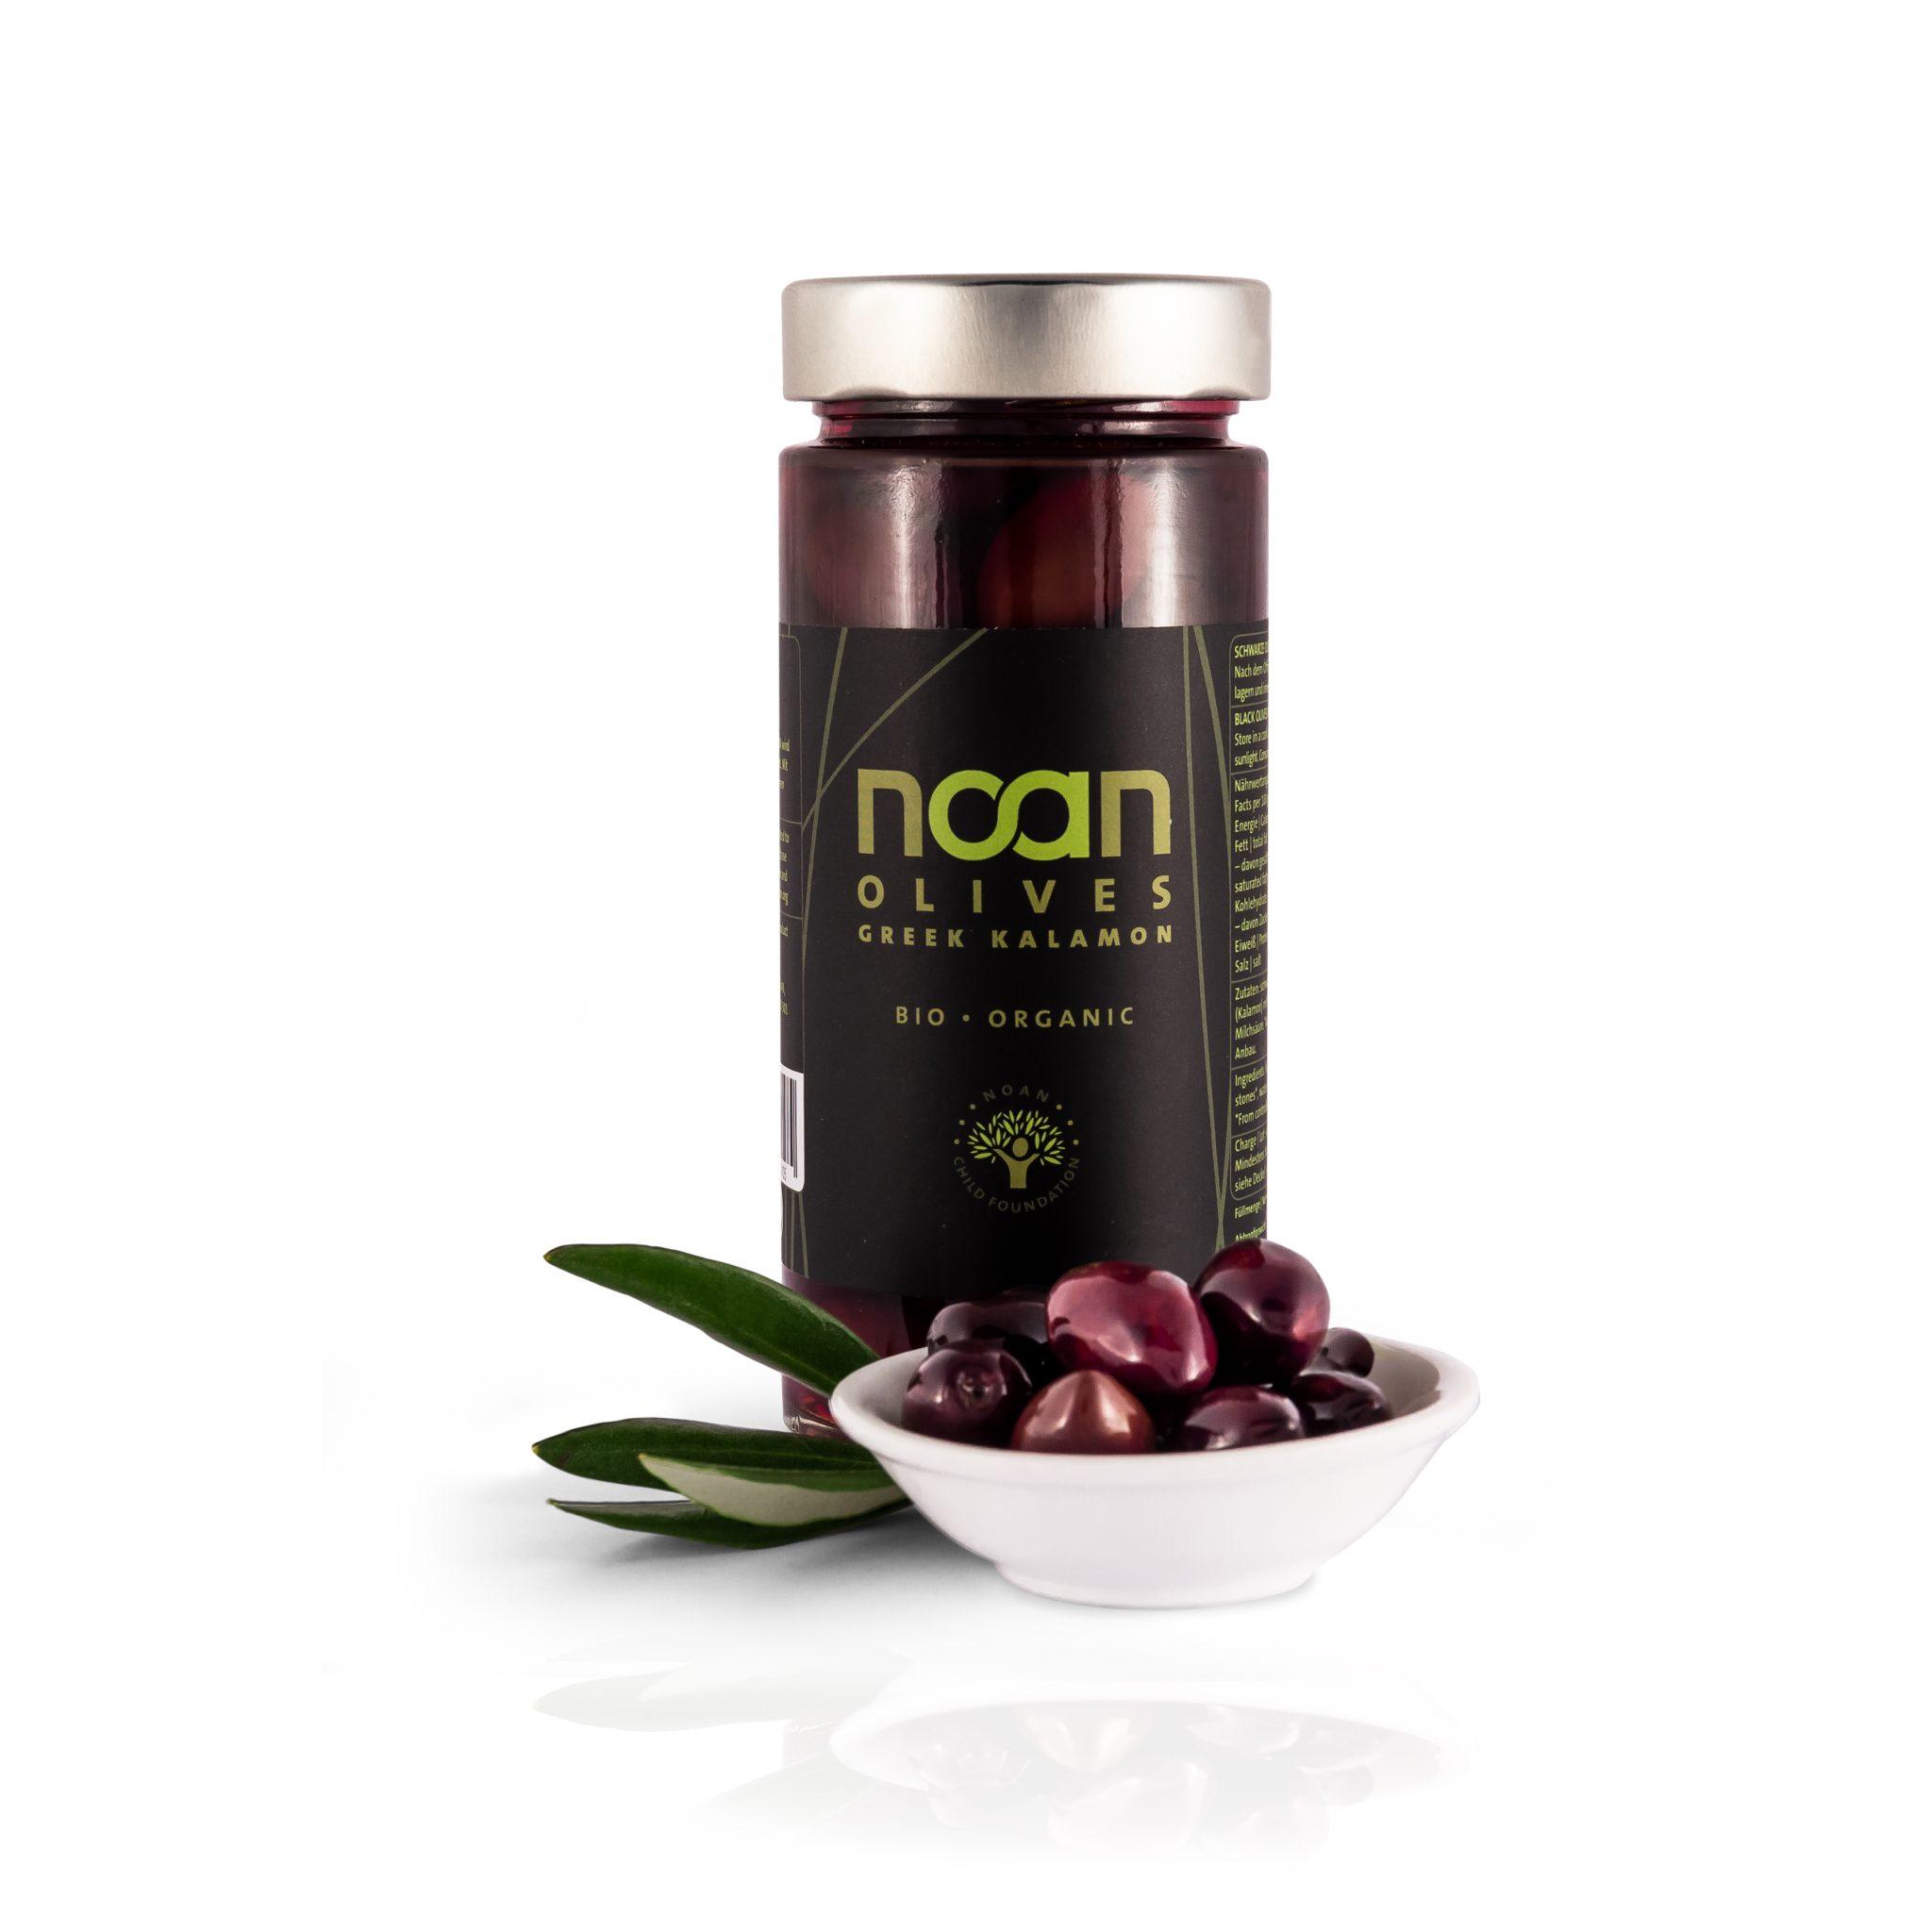 oliven-kalamantan